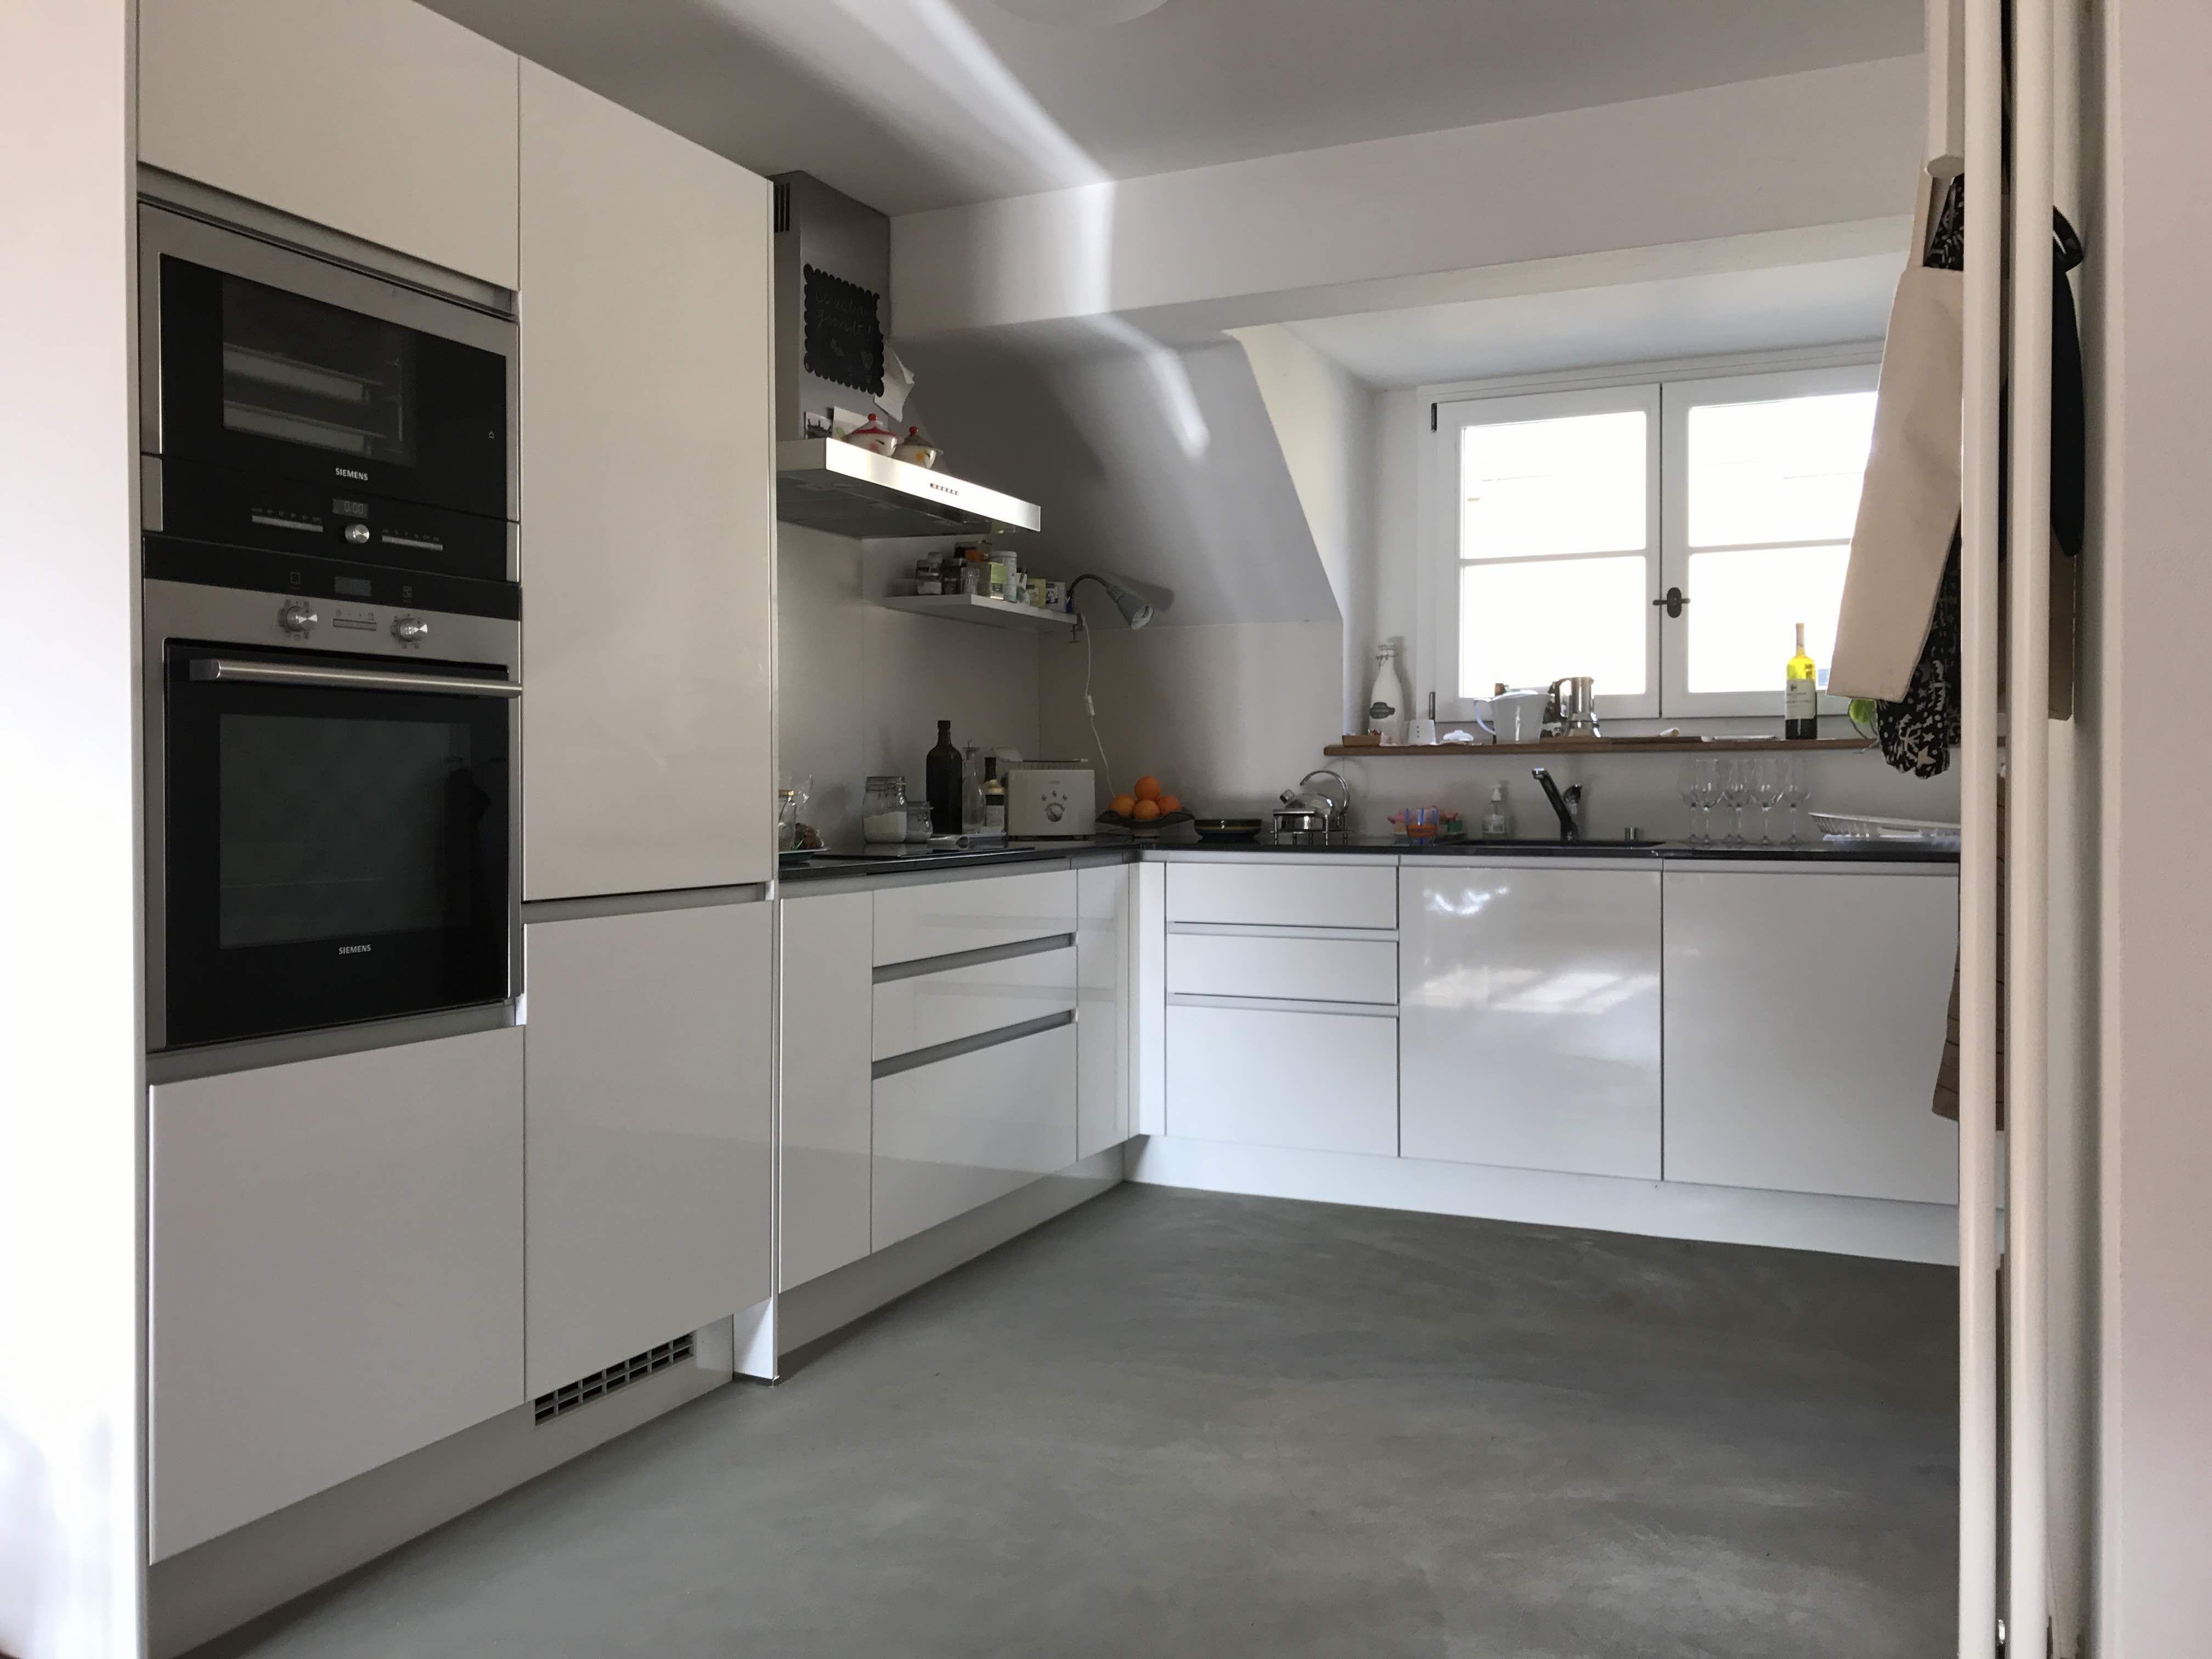 Grosszügige, moderne Wohnküche mit Induktionsherd, Backhofen ...